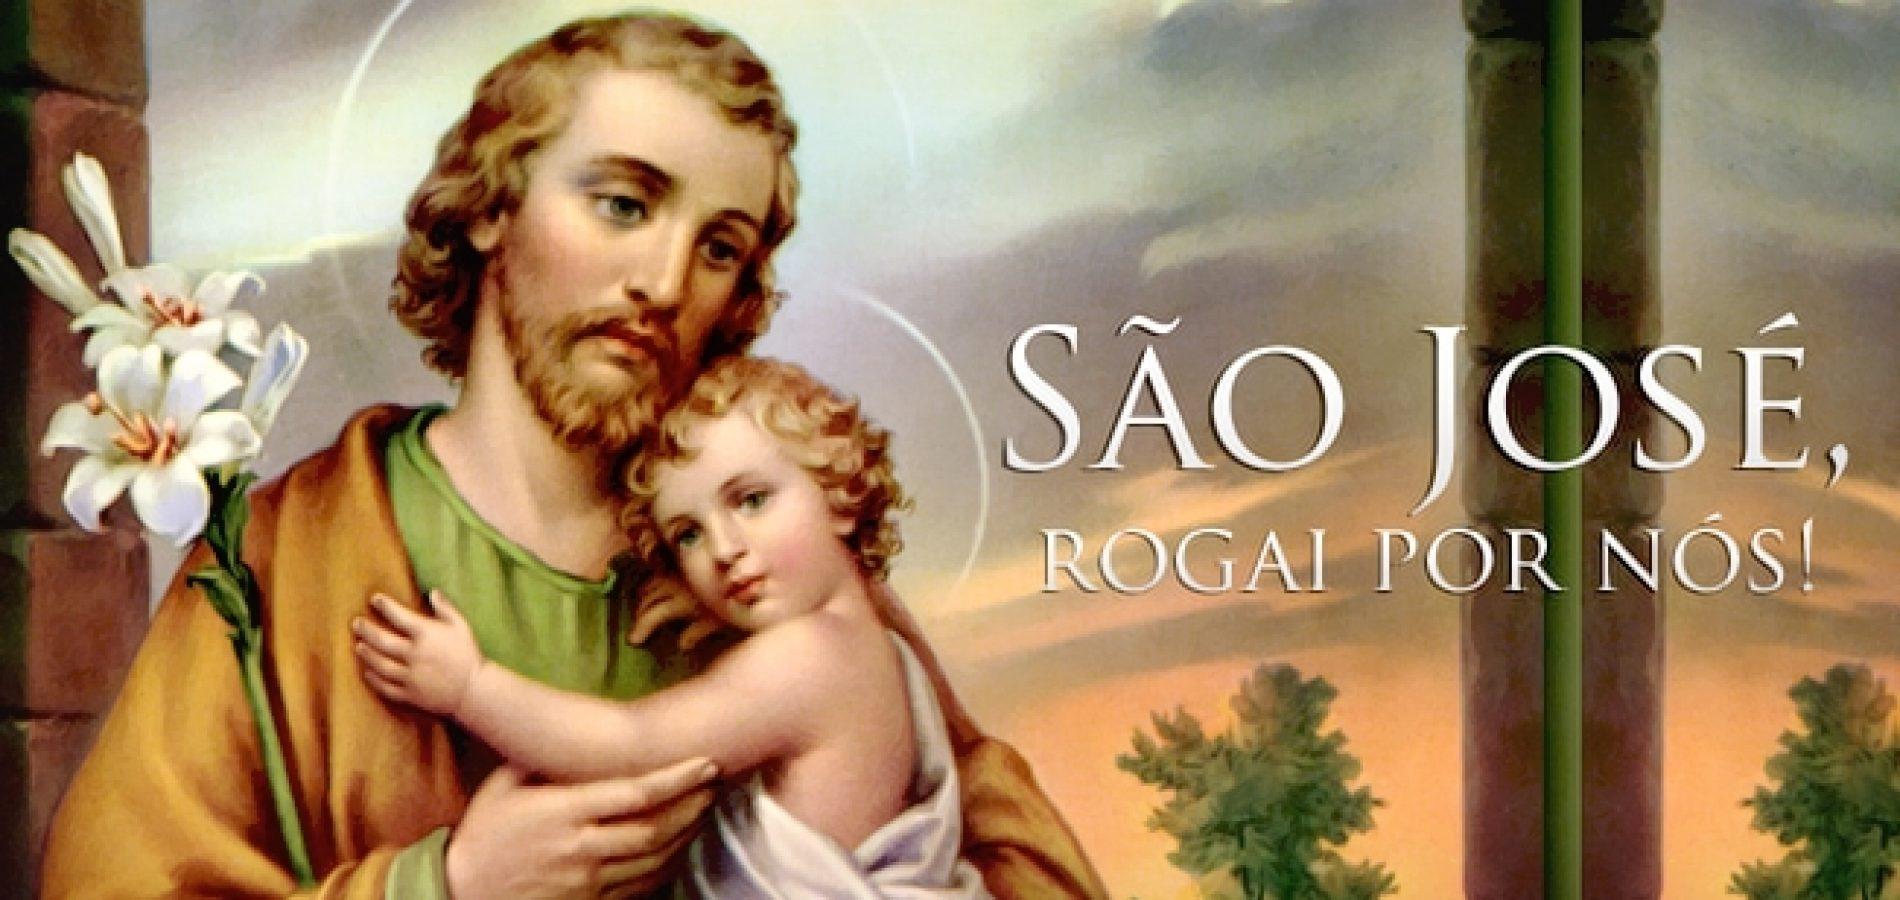 FRANCISCO MACEDO   Igreja Católica da comunidade Retiro divulga a programação do 74º festejos de São José. Veja!